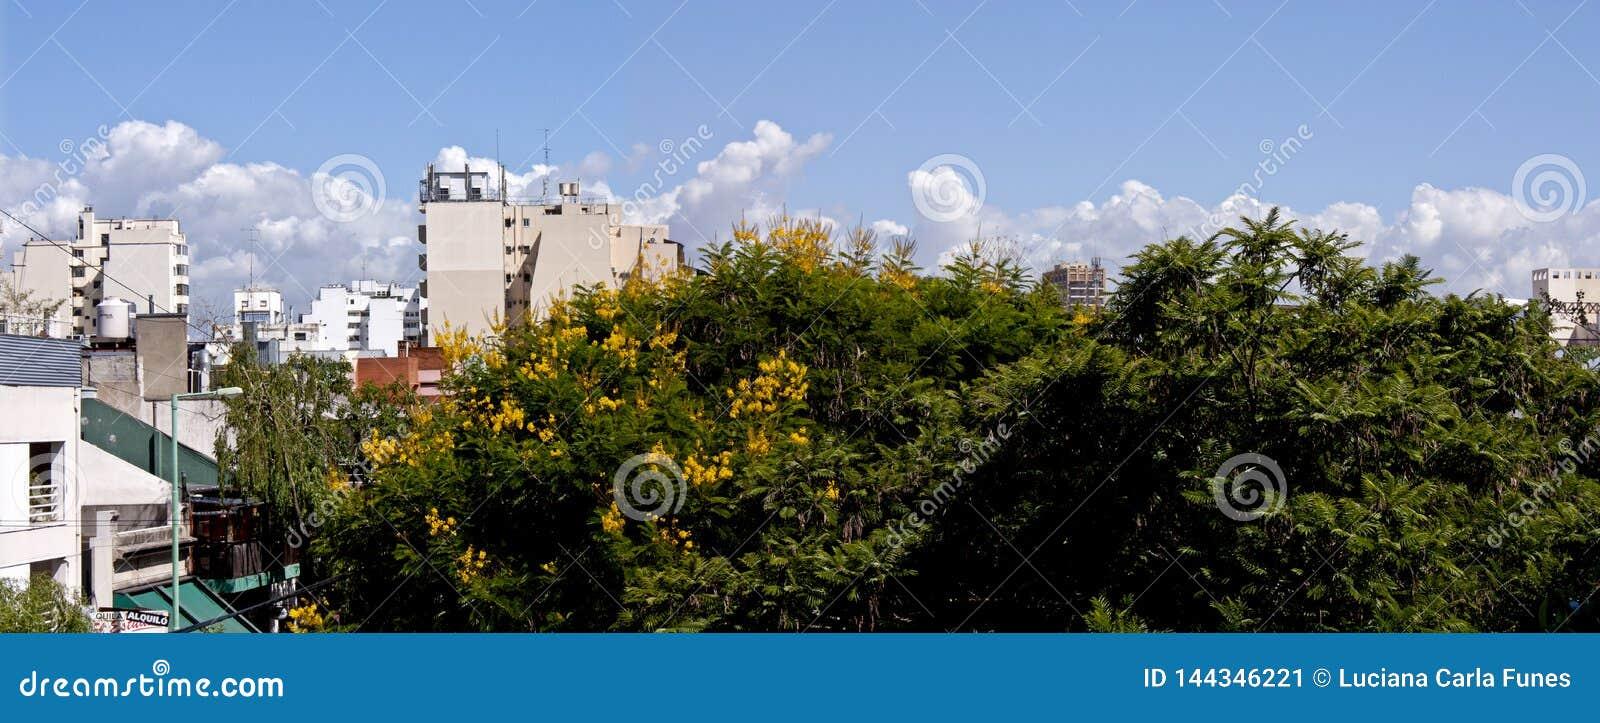 De bloemen van het Ibirapitabroodje in een luchtpanorama van de stadshemel van Buenos aires